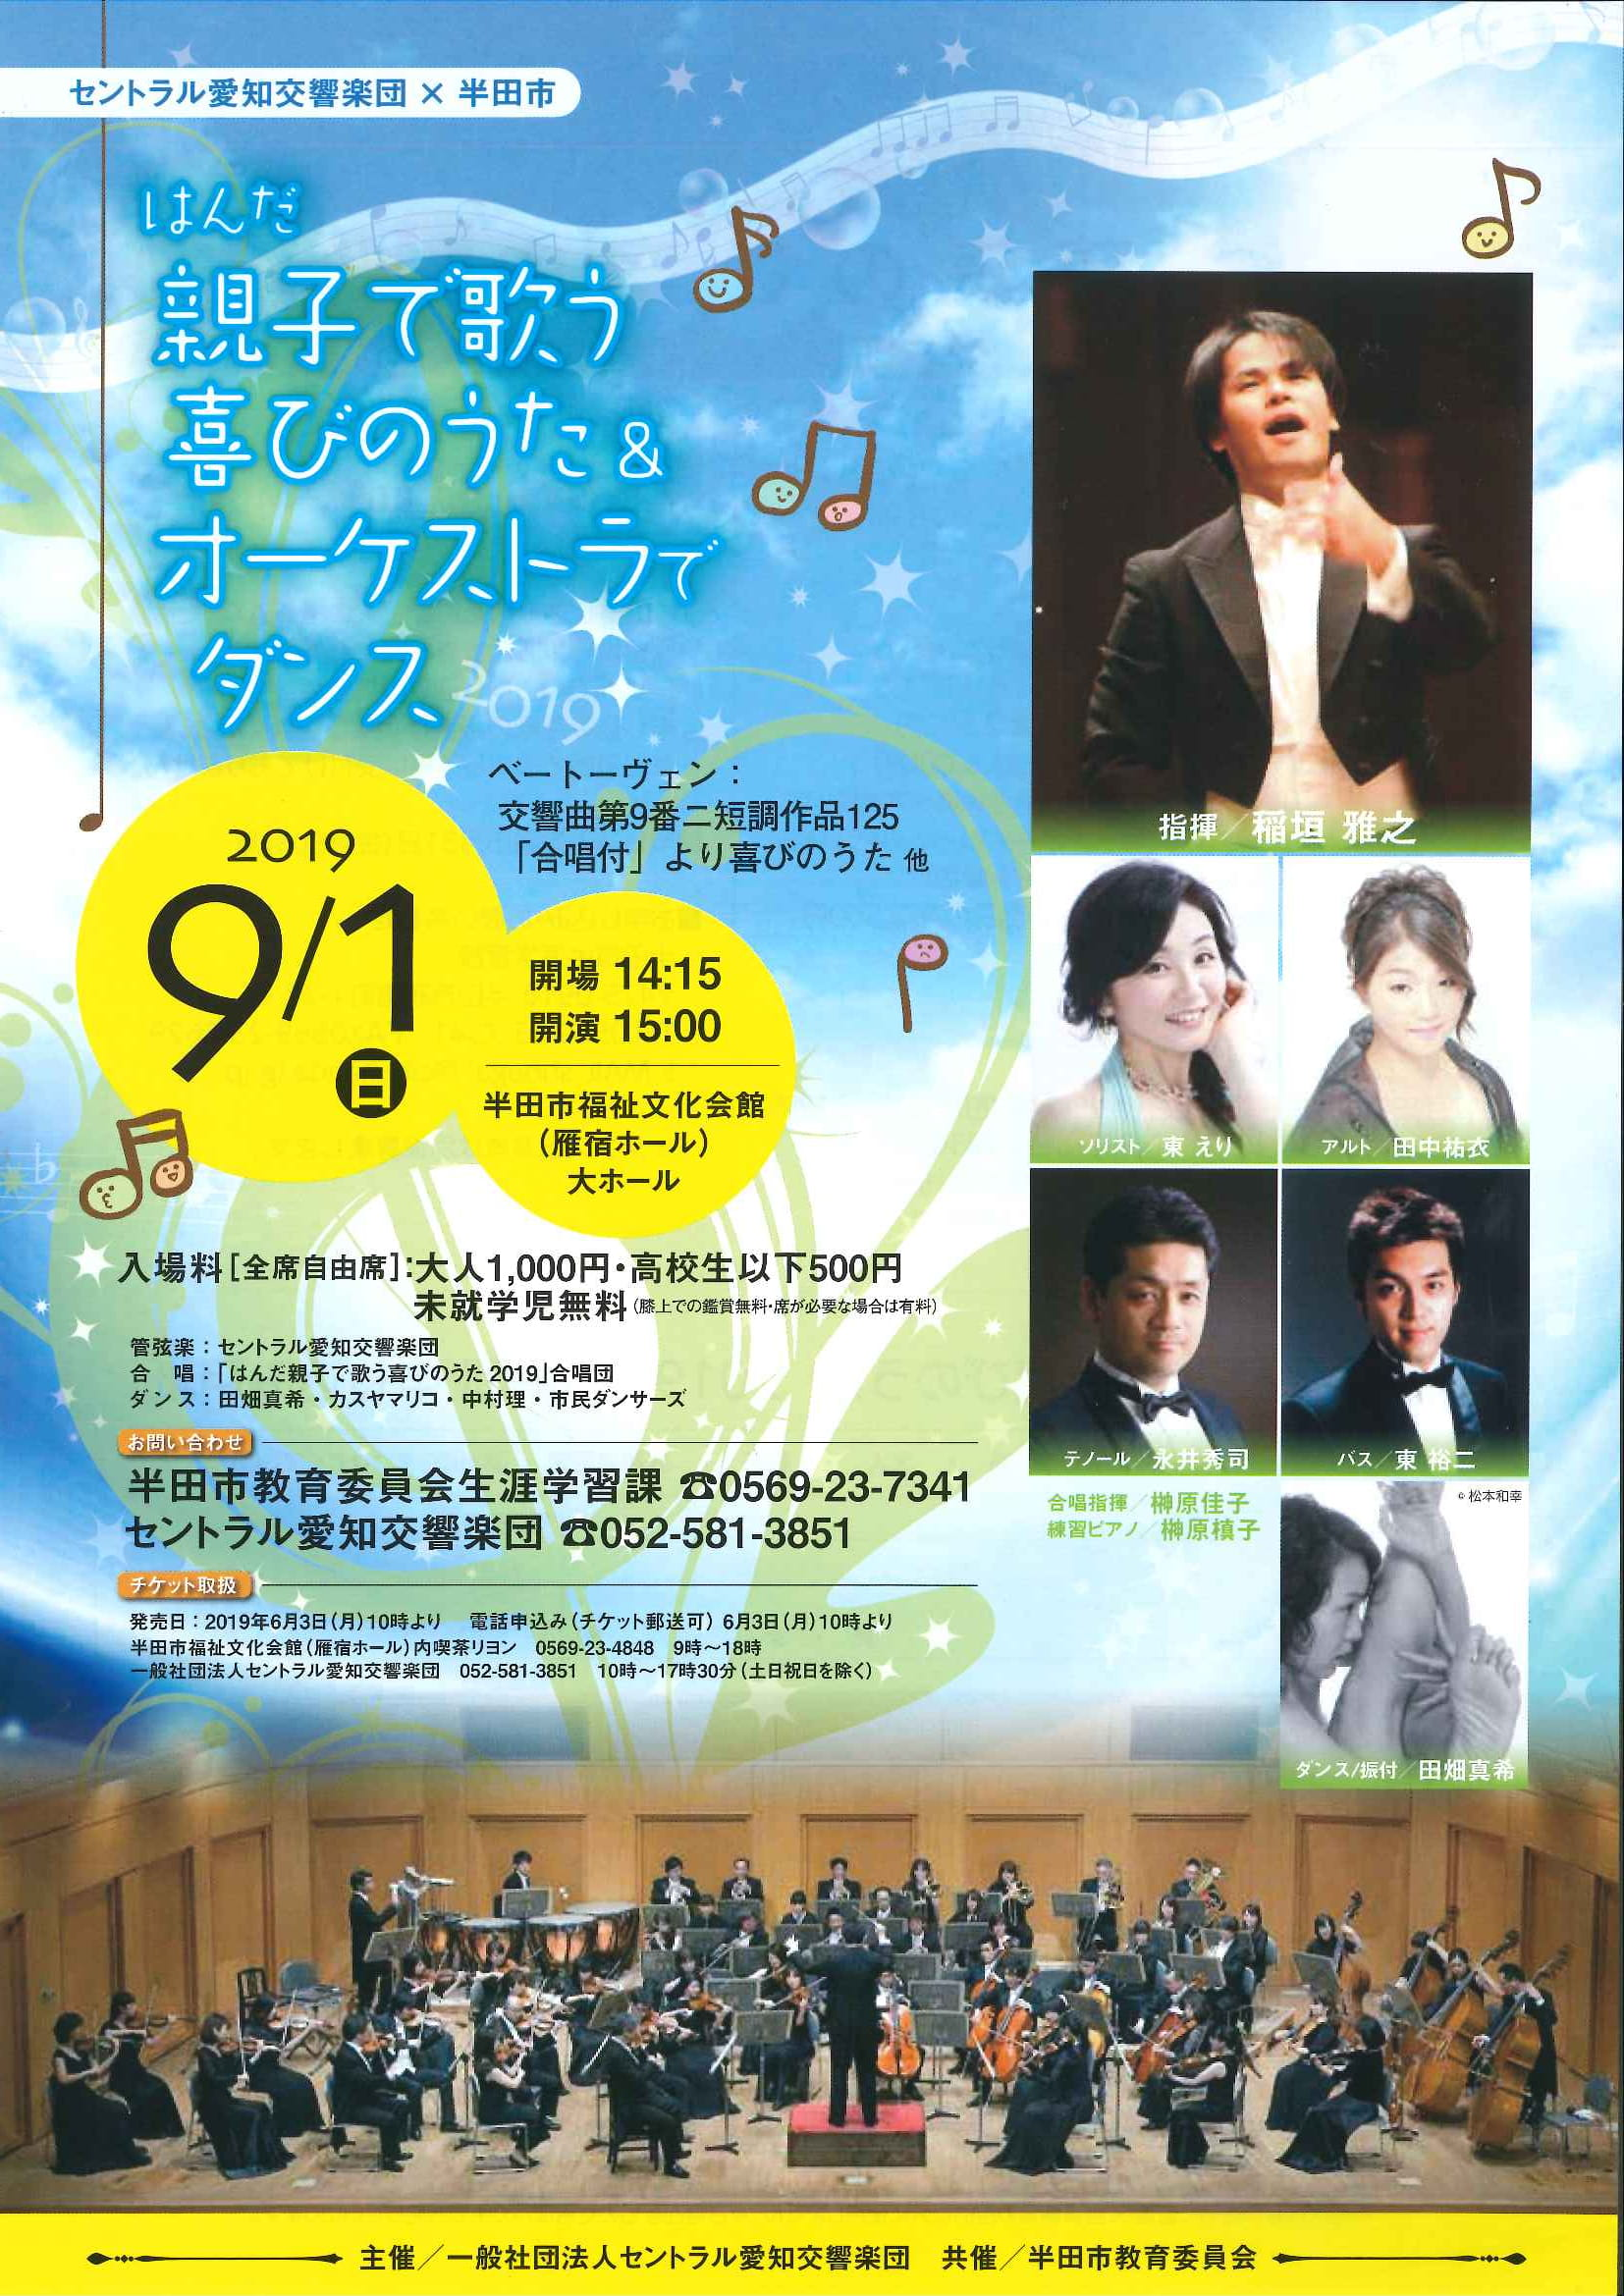 セントラル愛知交響楽団 × 半田市 はんだ親子で歌う喜びのうた&オーケストラでダンス